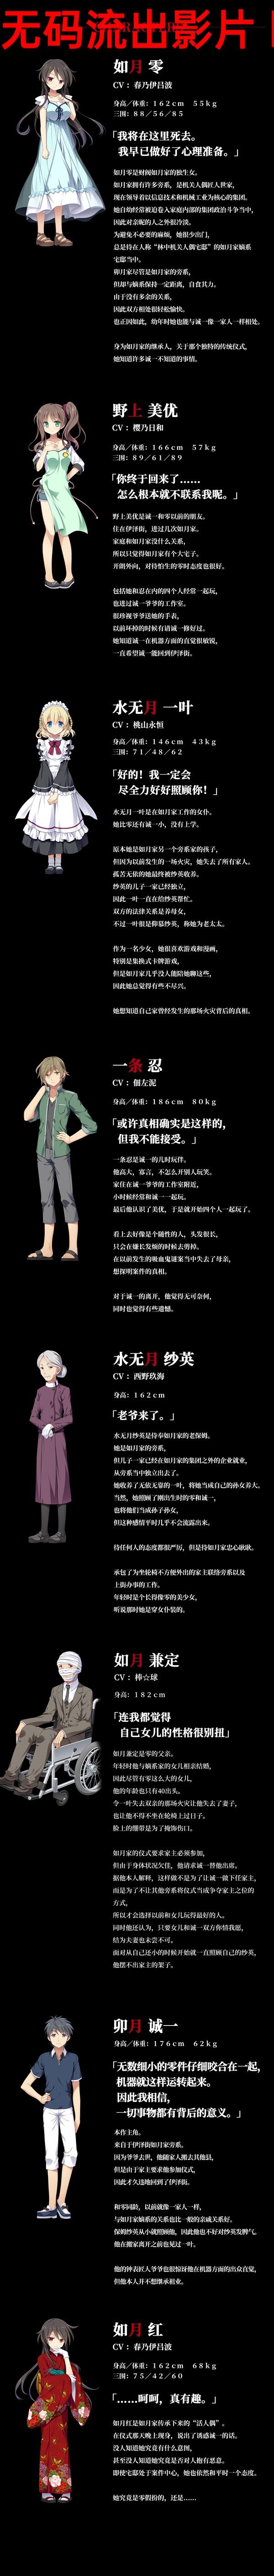 【ADV中文】[血·腥注意]月影魅像-解放之羽 STEAM官方中文版【2G】 4